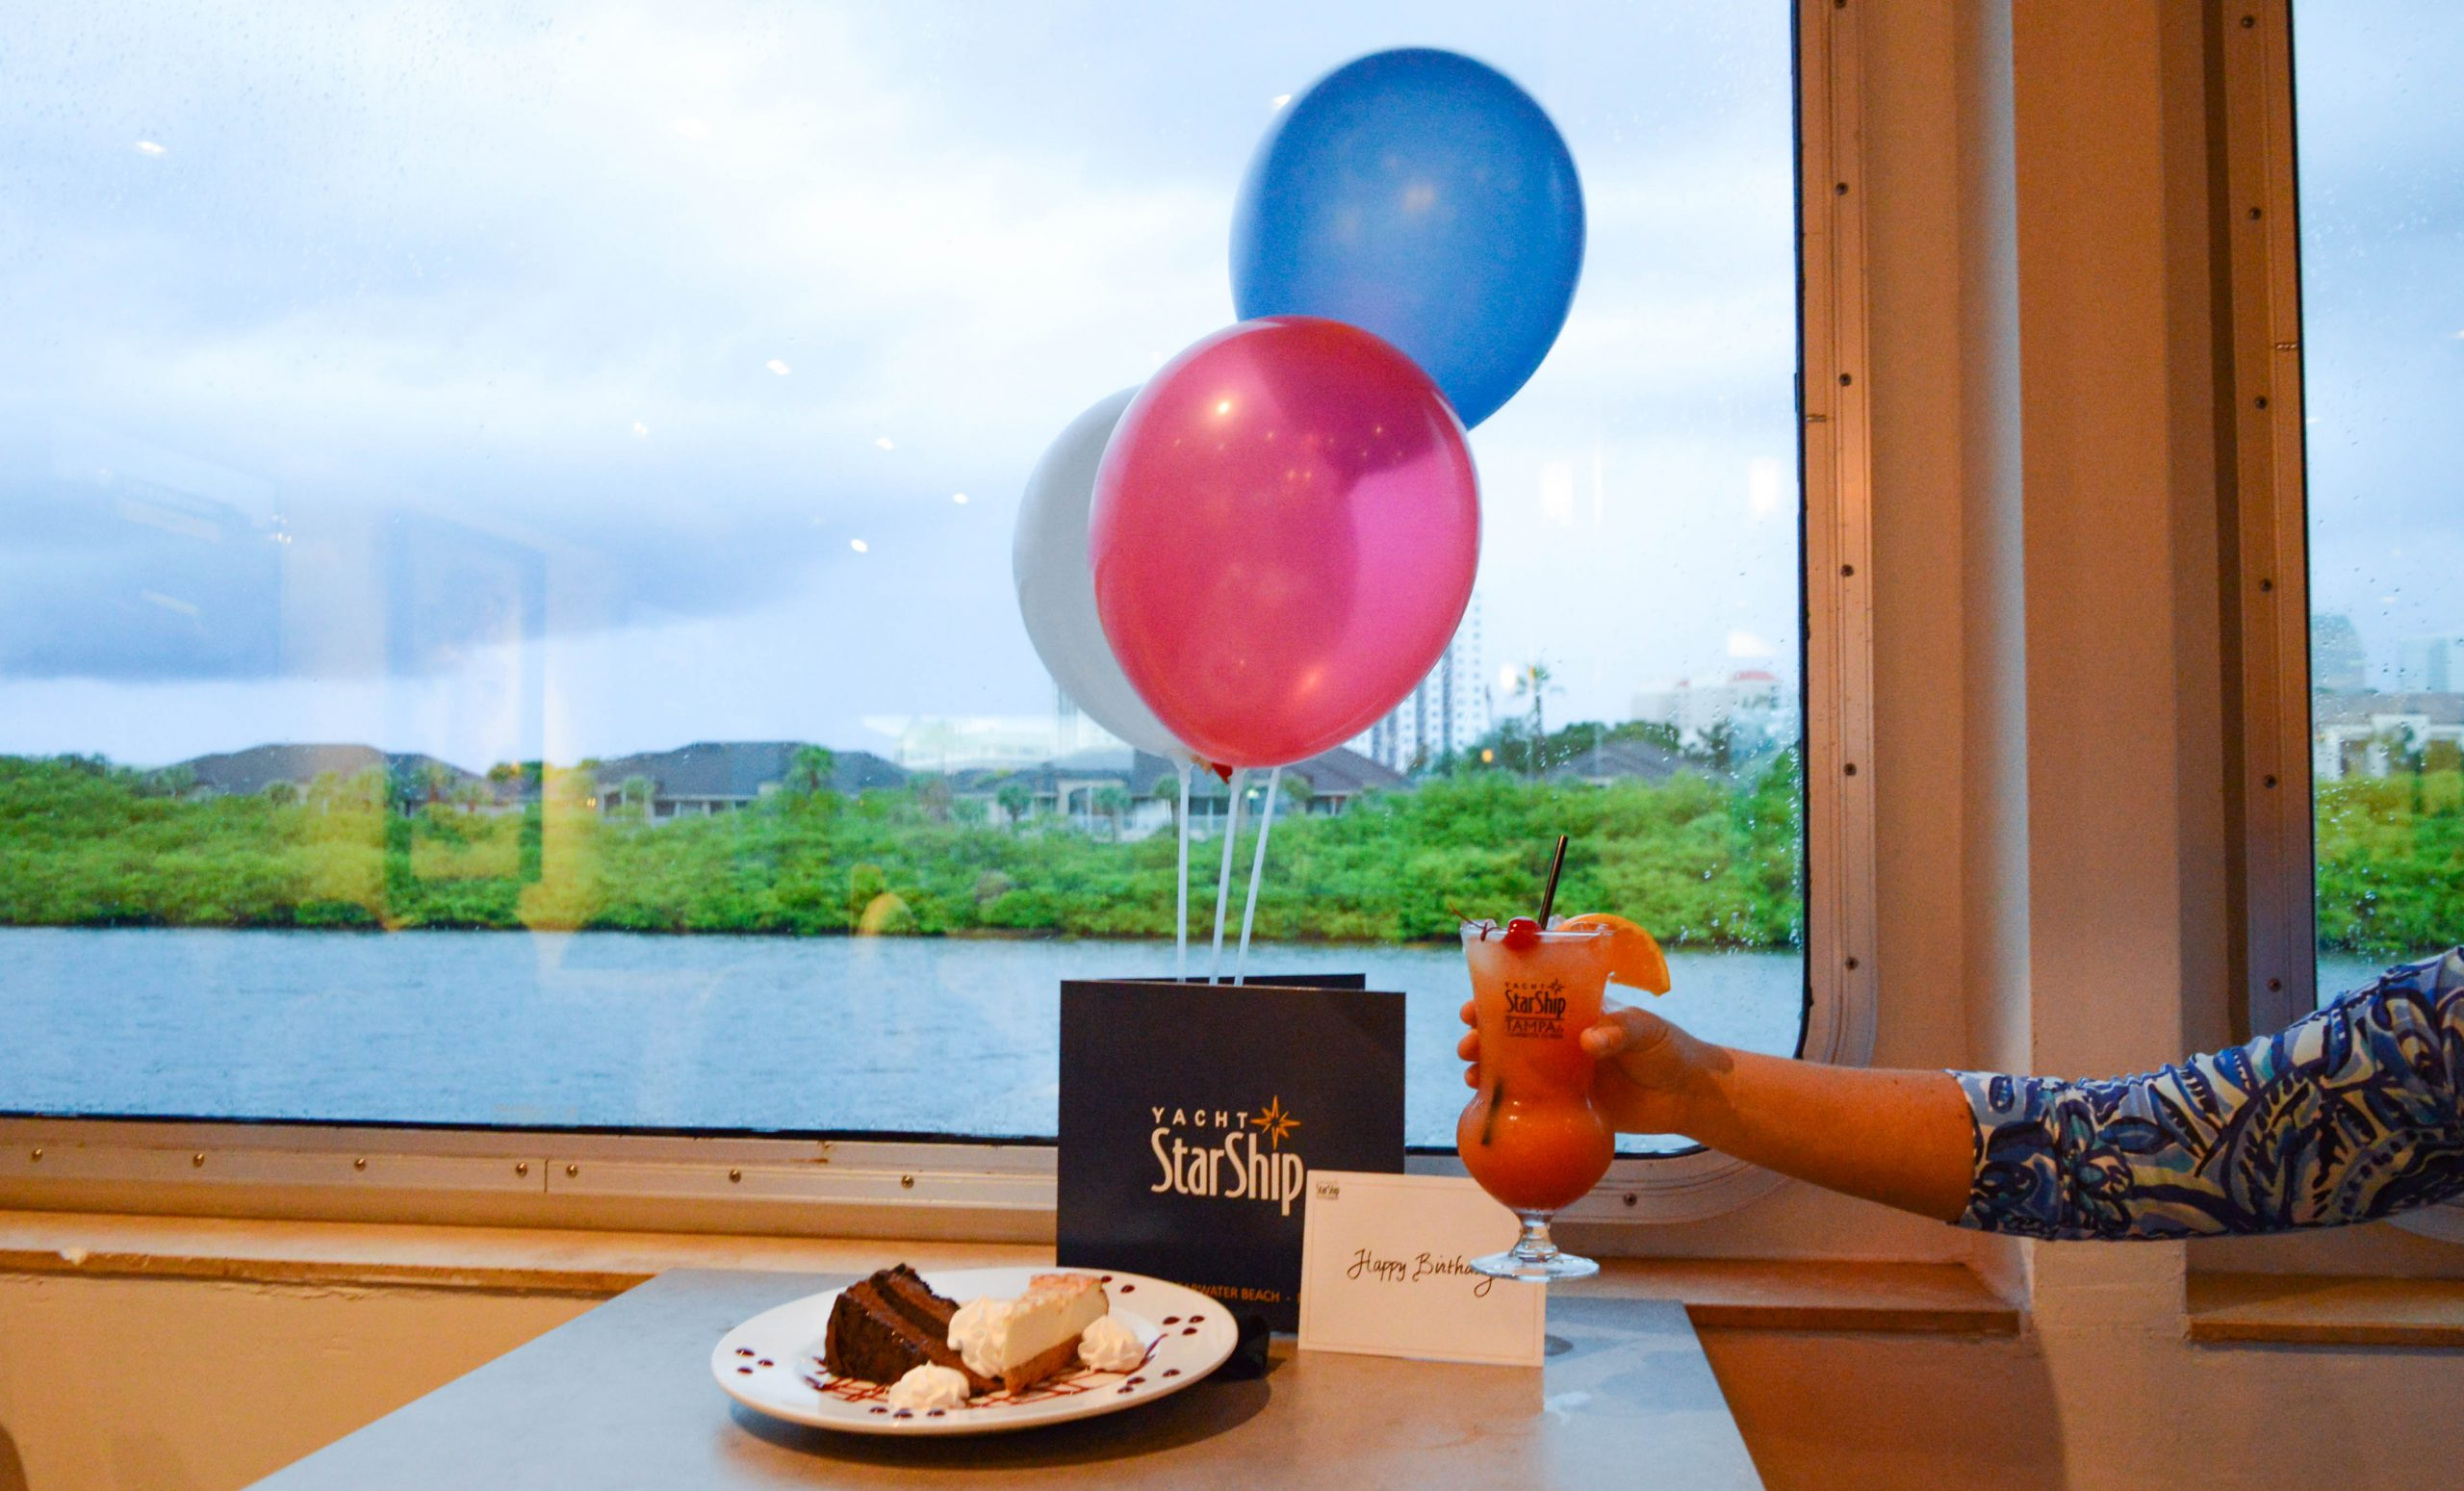 Birthday Celebration Package Yacht StarShip